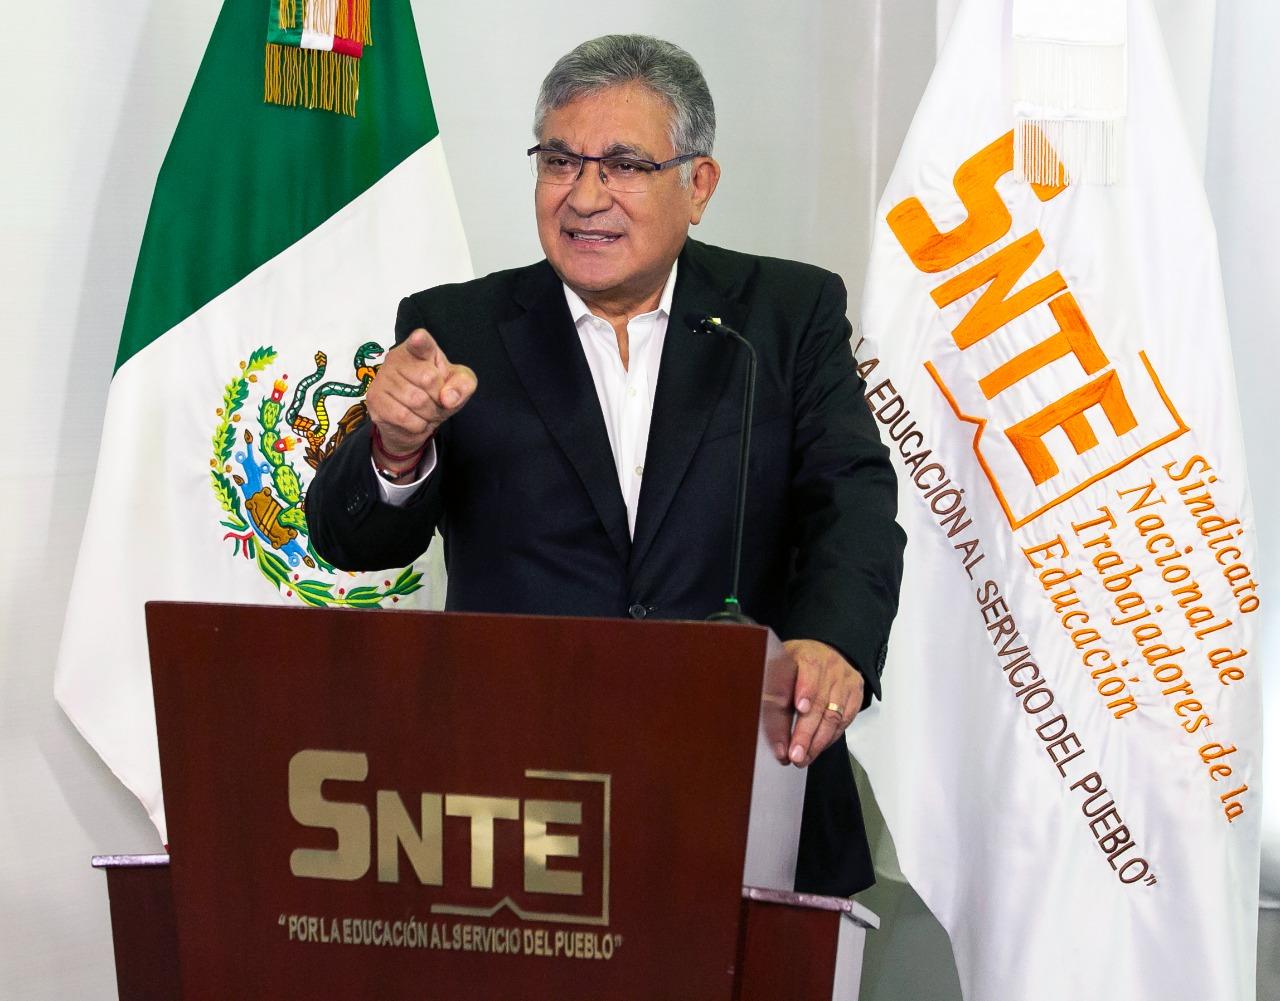 El SNTE honra a los maestros por su destacada labor durante la pandemia